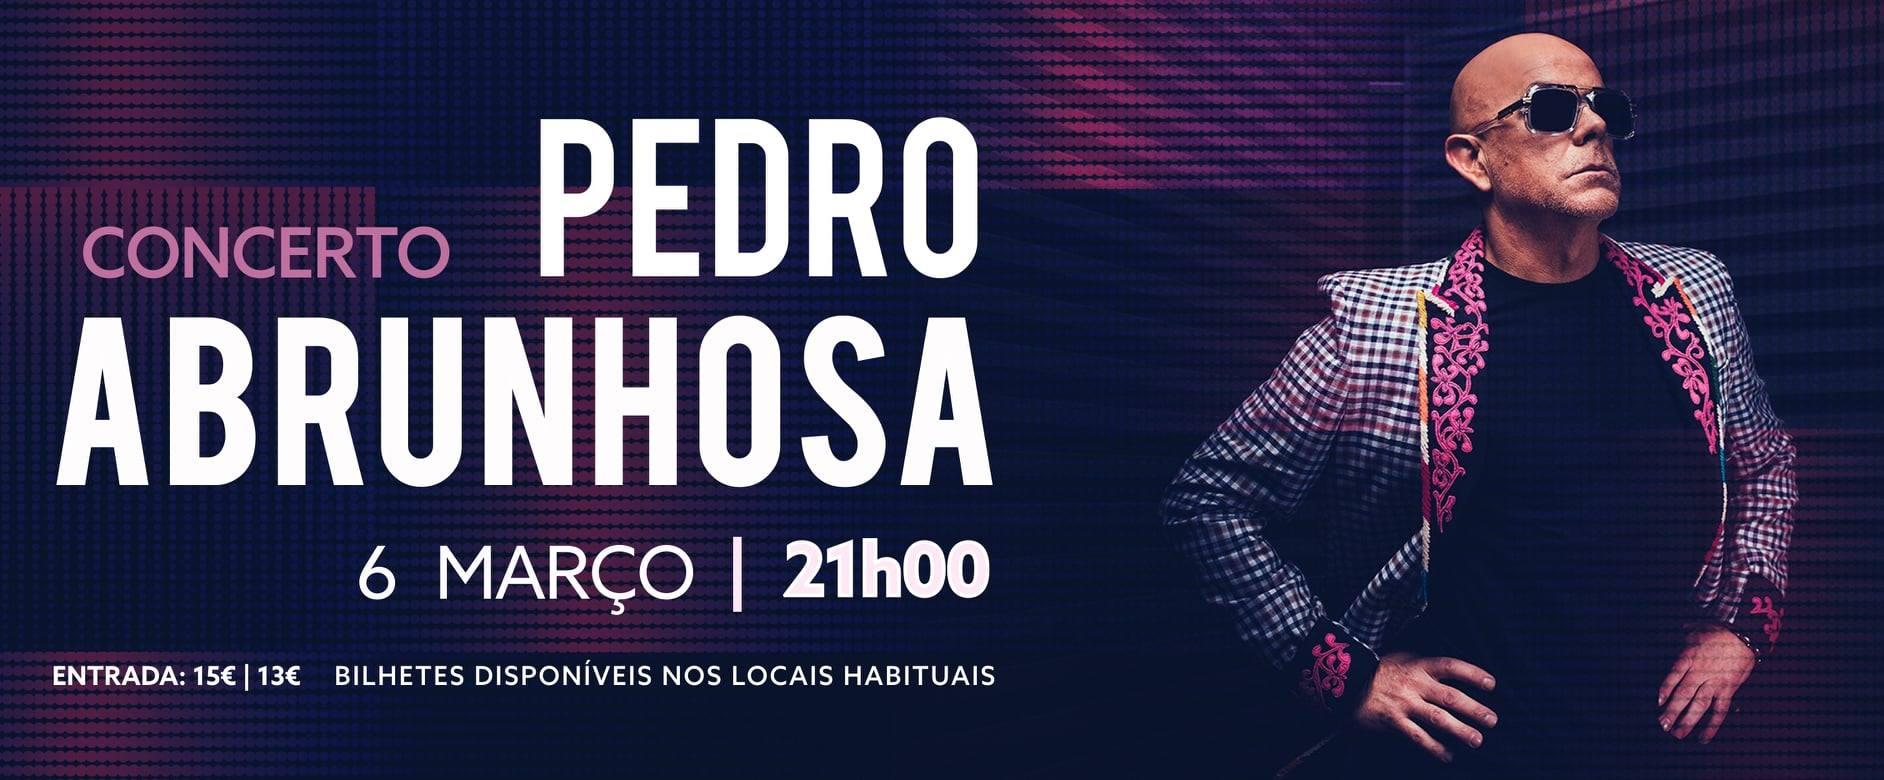 Pedro Abrunhosa - Ponta Delgada